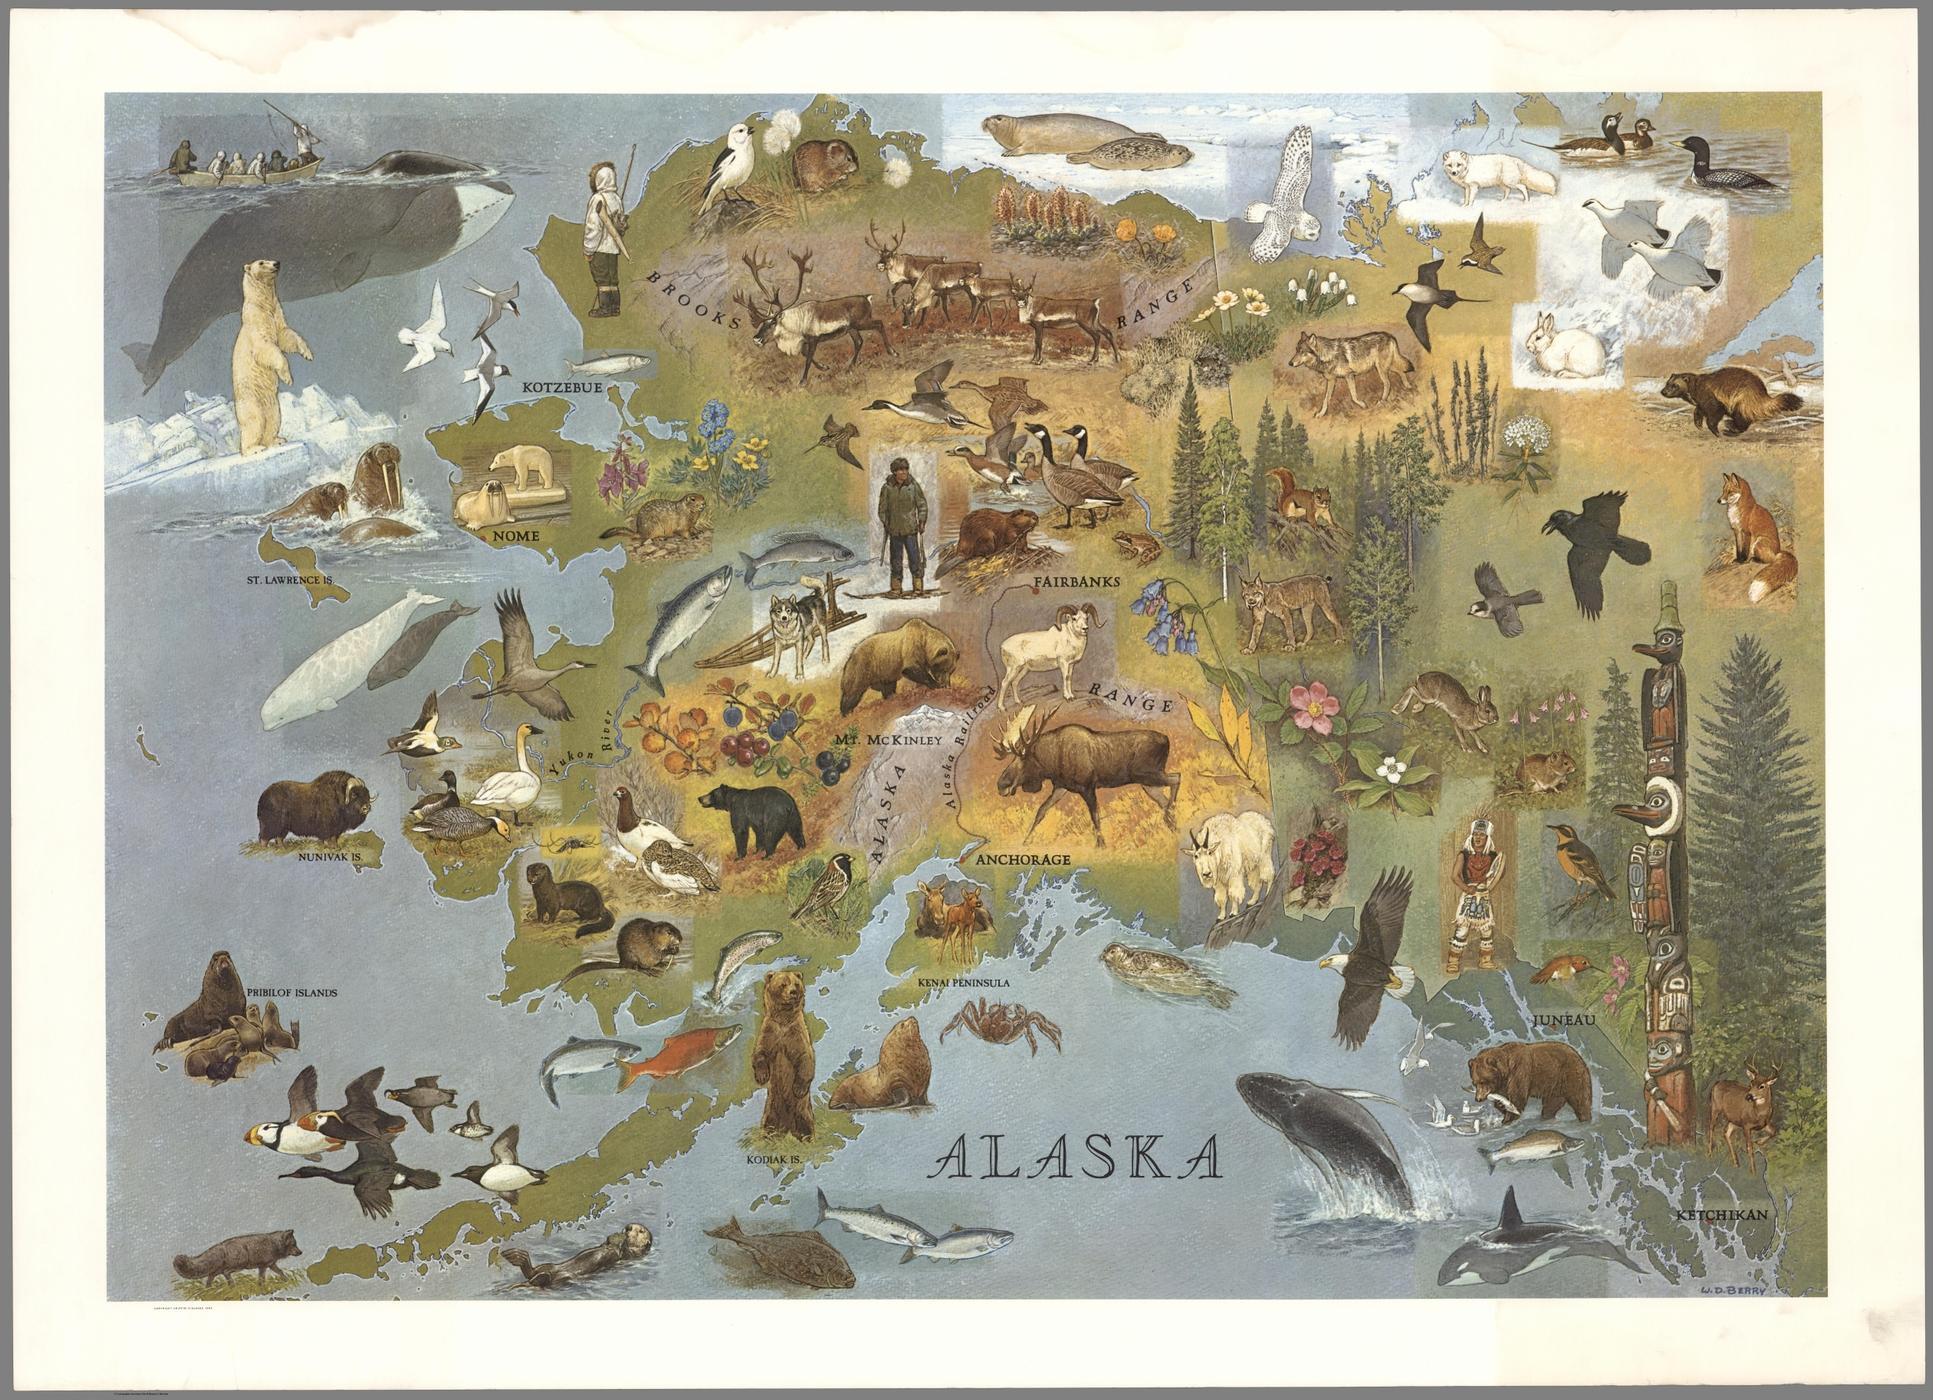 [illustration] [map] alaska